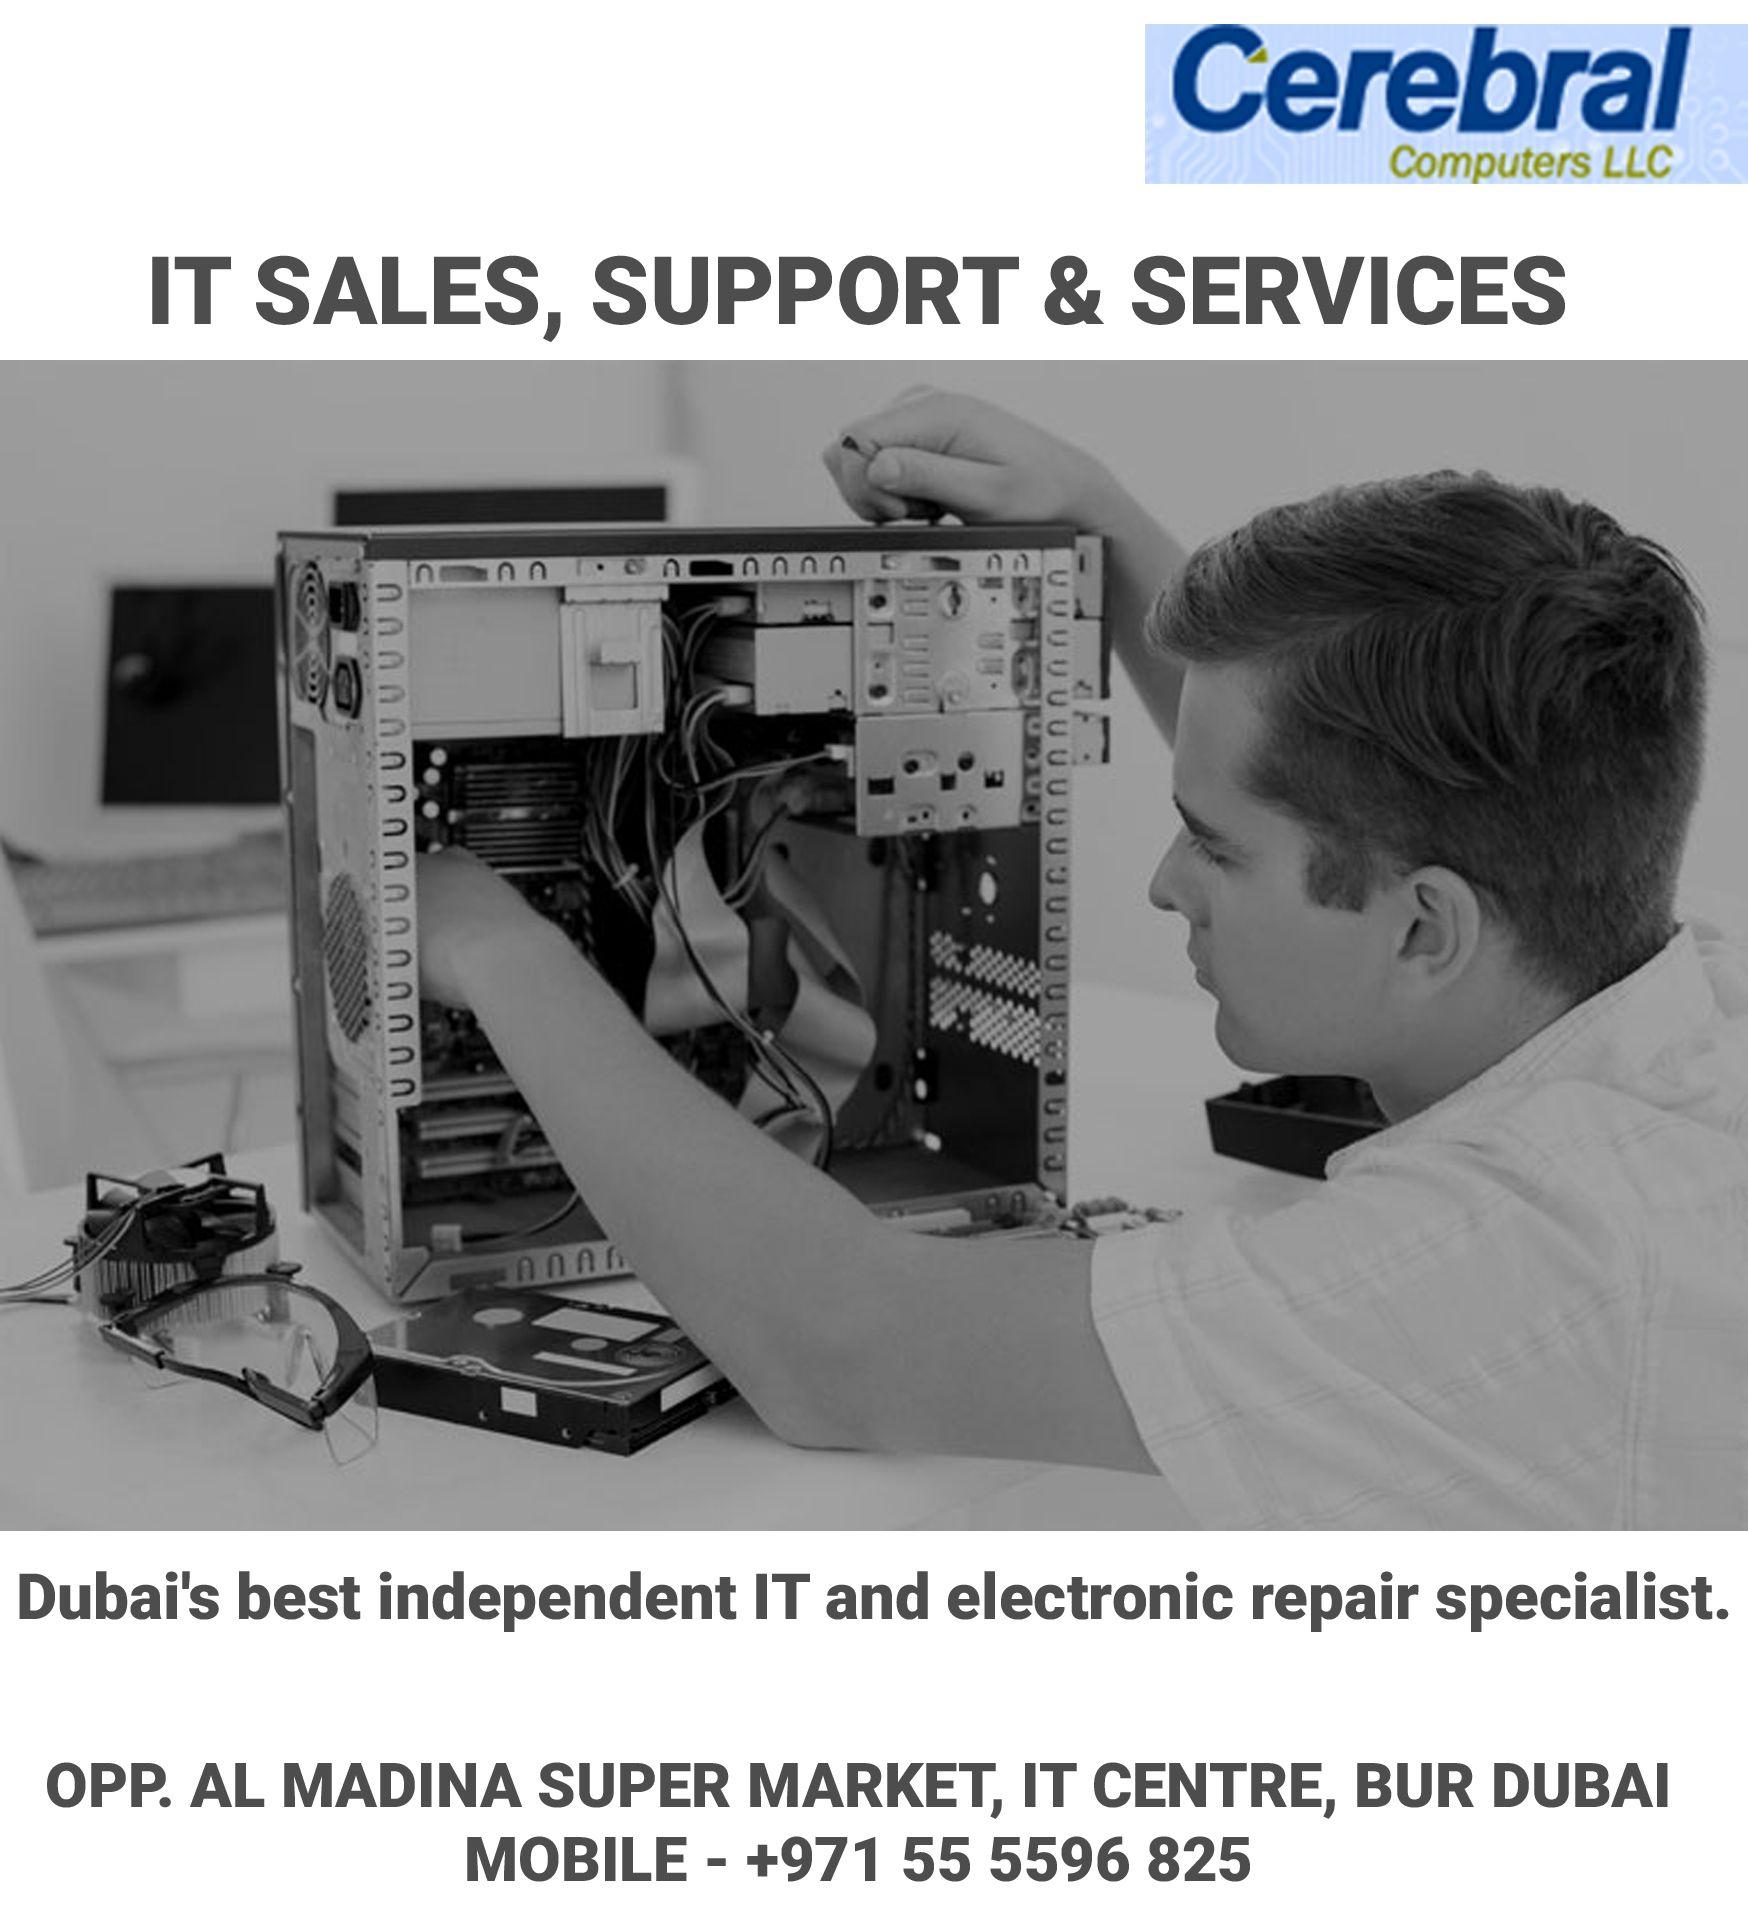 burdubai #computershop #computerservice #computerrepair